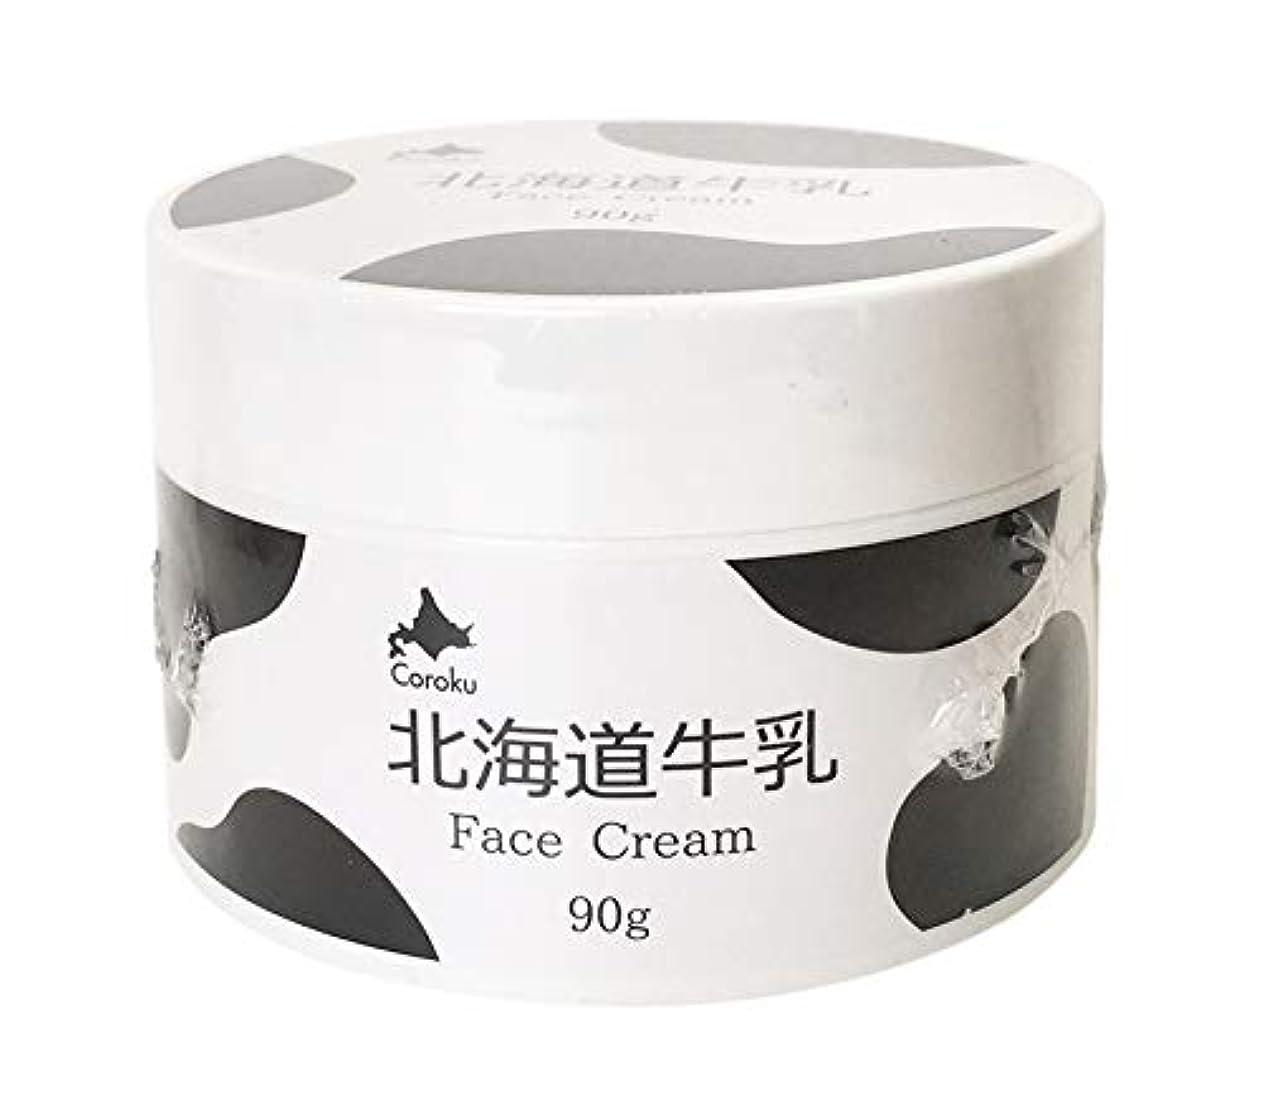 スロベニア馬鹿げた開梱北海道牛乳 フェイスクリーム FACE CREAM 90g